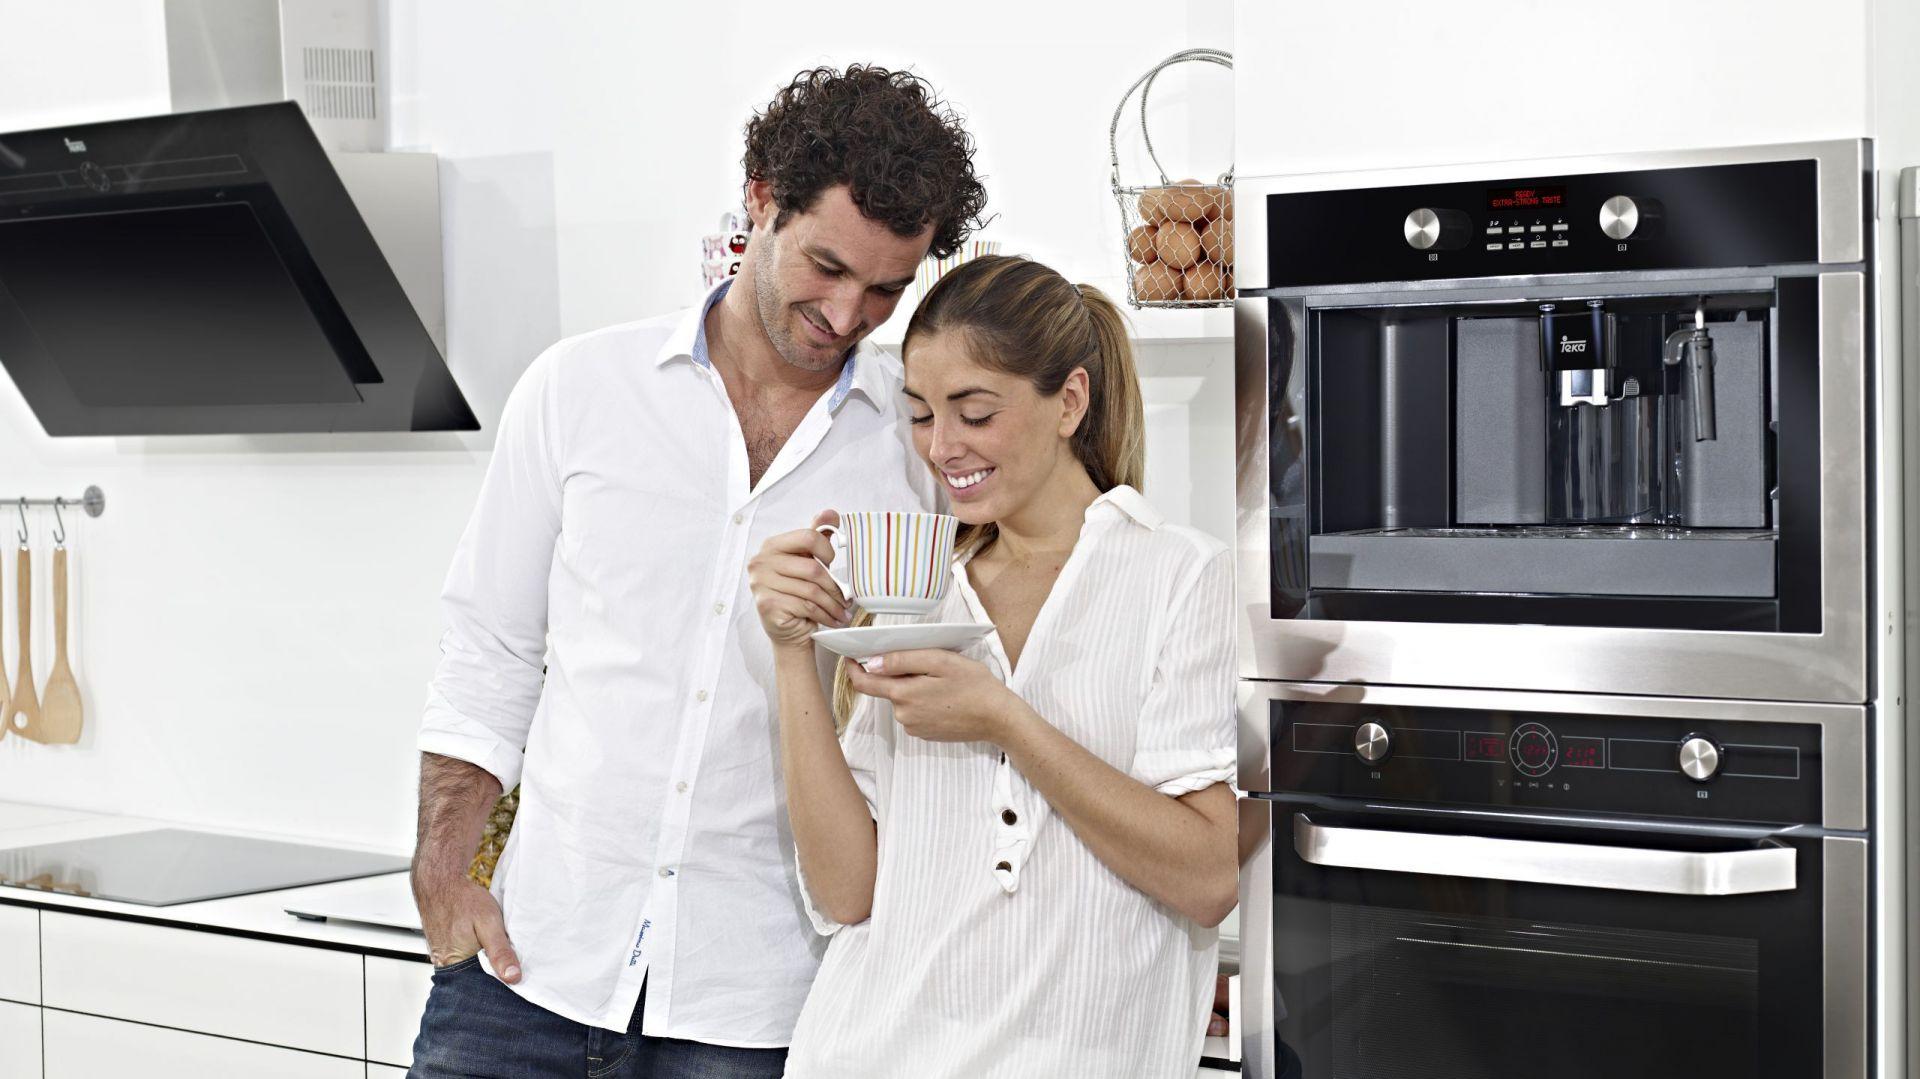 Ekspres do zabudowy CML 45 z elektronicznym programatorem z wyświetlaczem LCD. Posiada chowane pokrętła, 3 programy automatyczne oraz wysuwane dysze do pary i gorącej wody. 13-stopniowa regulacja mocy kawy. Możliwość użycia kawy mielonej oraz przygotowania dwóch filiżanek jednocześnie. 5.799 zł, Teka.